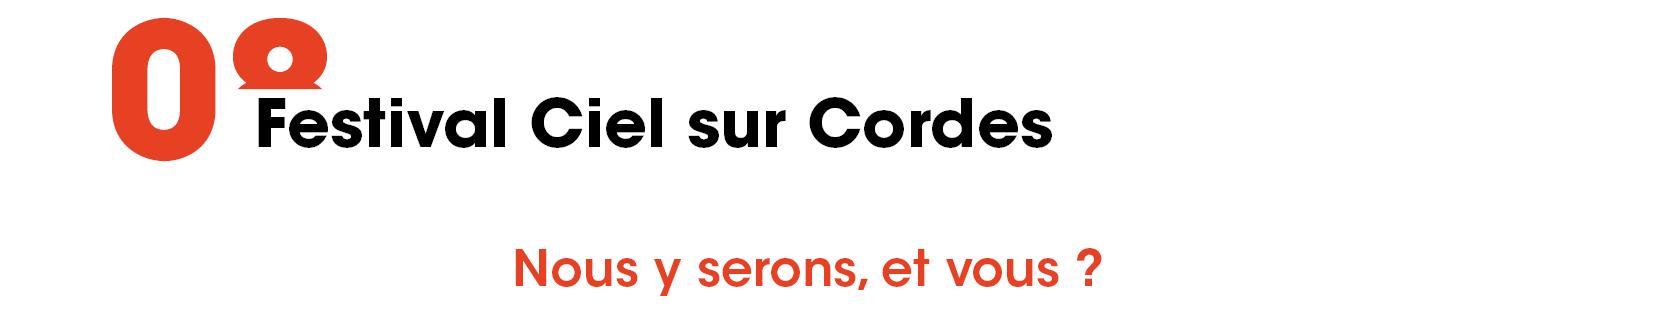 8 Ciel sur Cordes